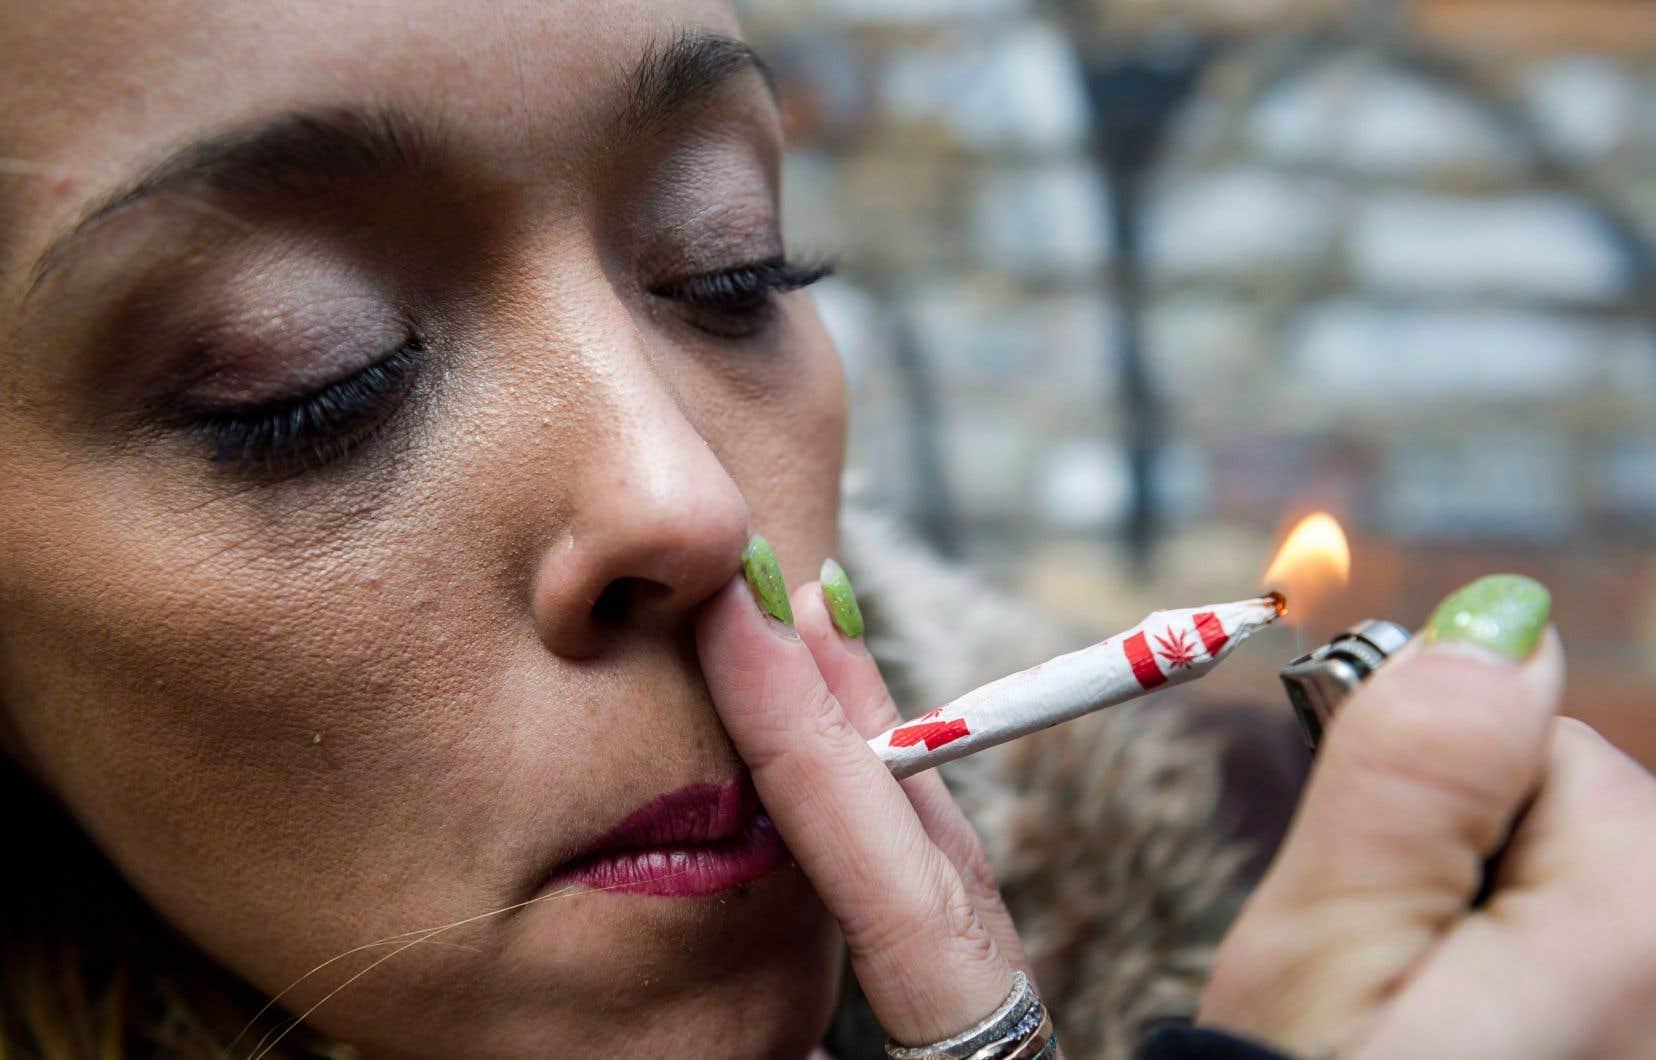 Une femme allume un «joint» orné d'un unifolié modifié.